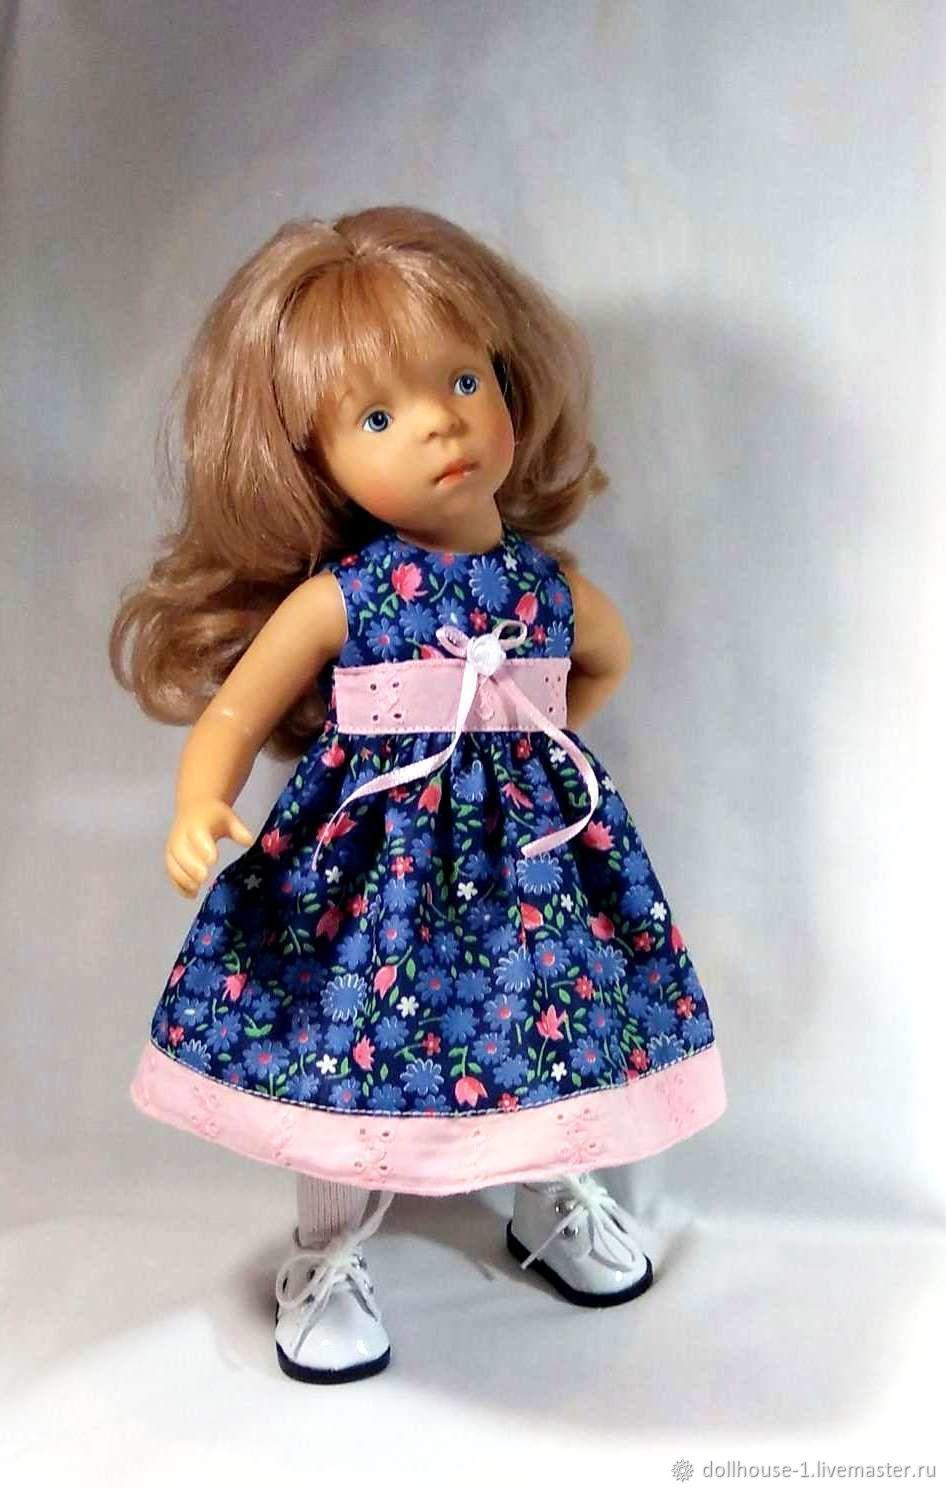 Платье для кукол Паола Рейна, Минуш, Одежда для кукол, Москва,  Фото №1